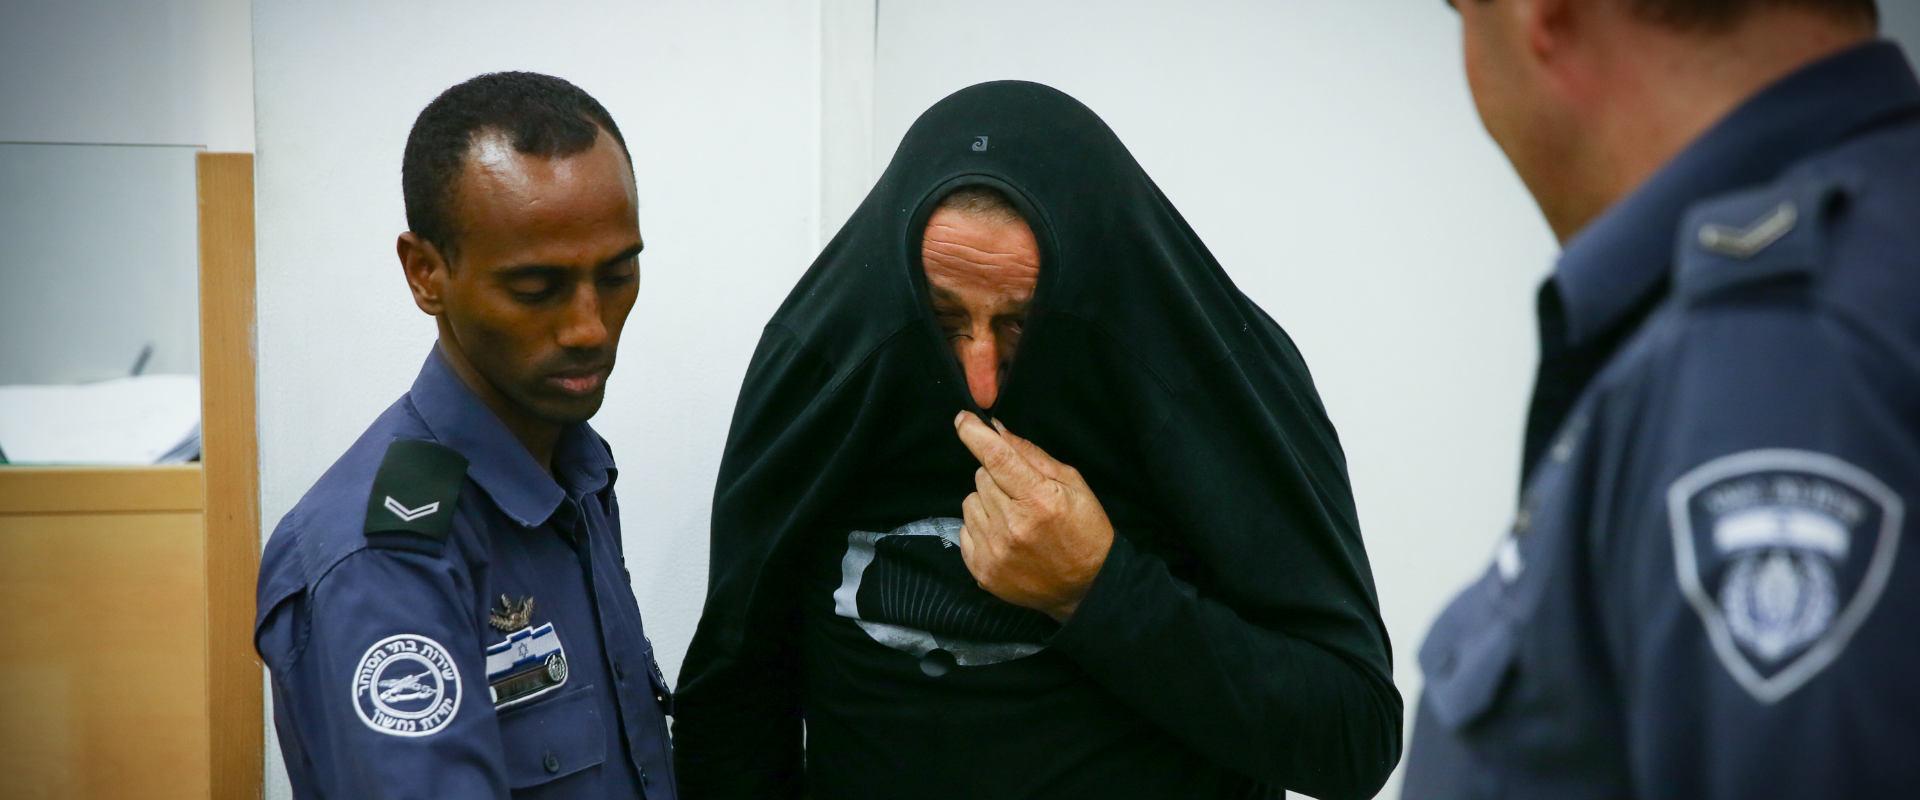 האב, סמי קרא, הנאשם ברצח בתו הנרייטה, בדיון בבית ה